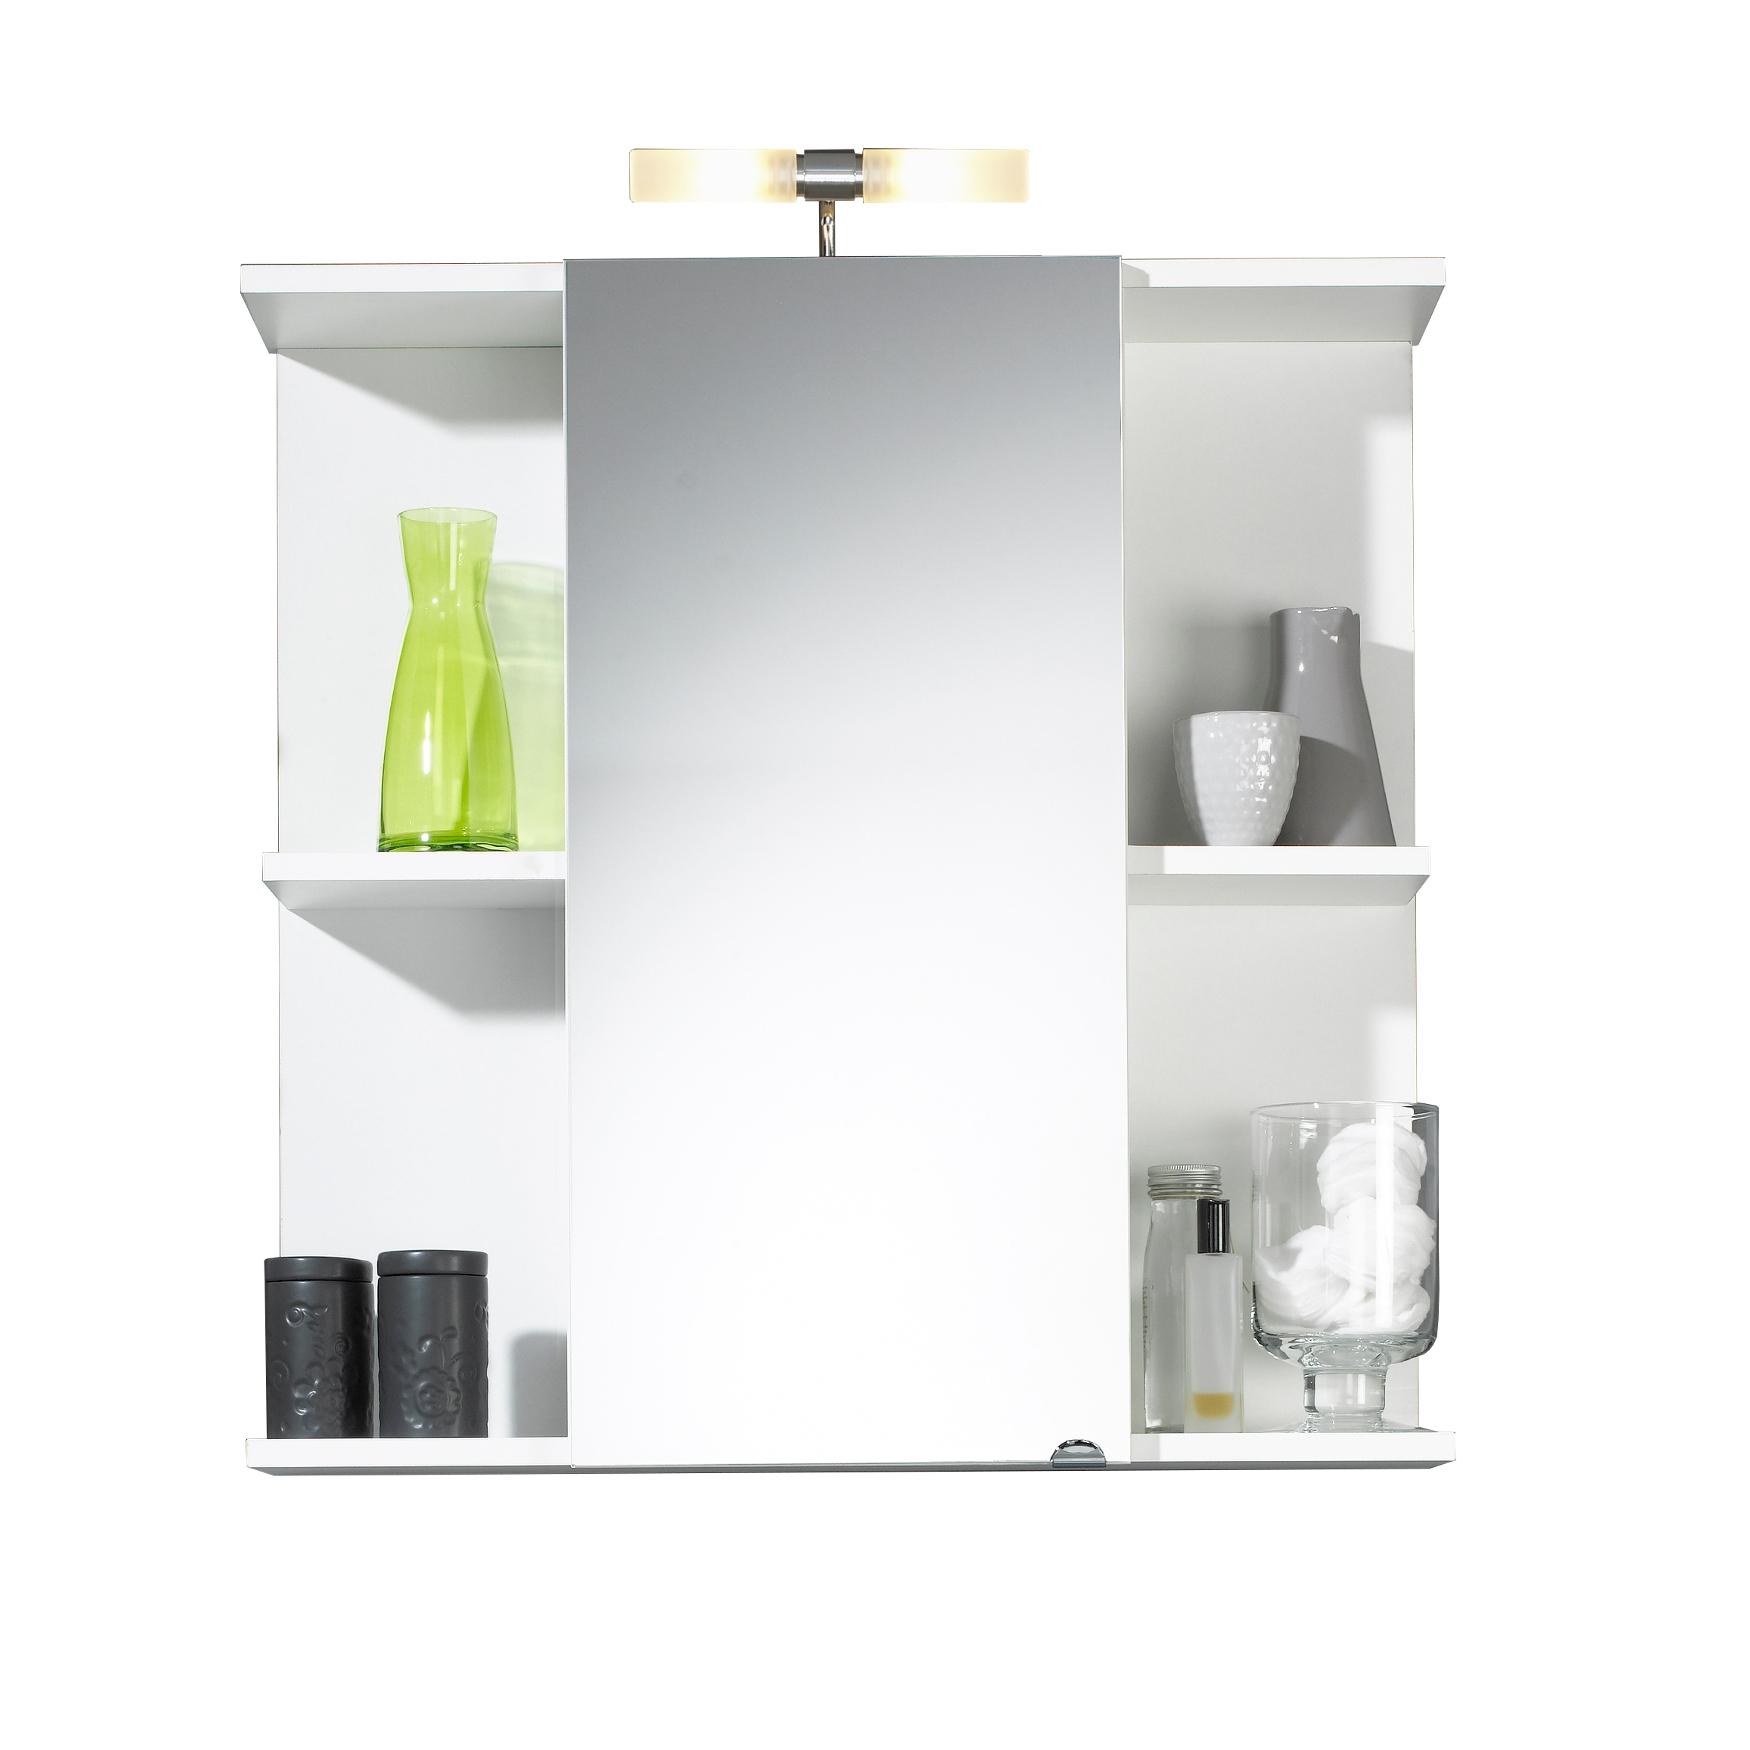 bad spiegelschrank mit lampe 1 t rig 4 offene f cher 68 cm breit wei bad spiegelschr nke. Black Bedroom Furniture Sets. Home Design Ideas